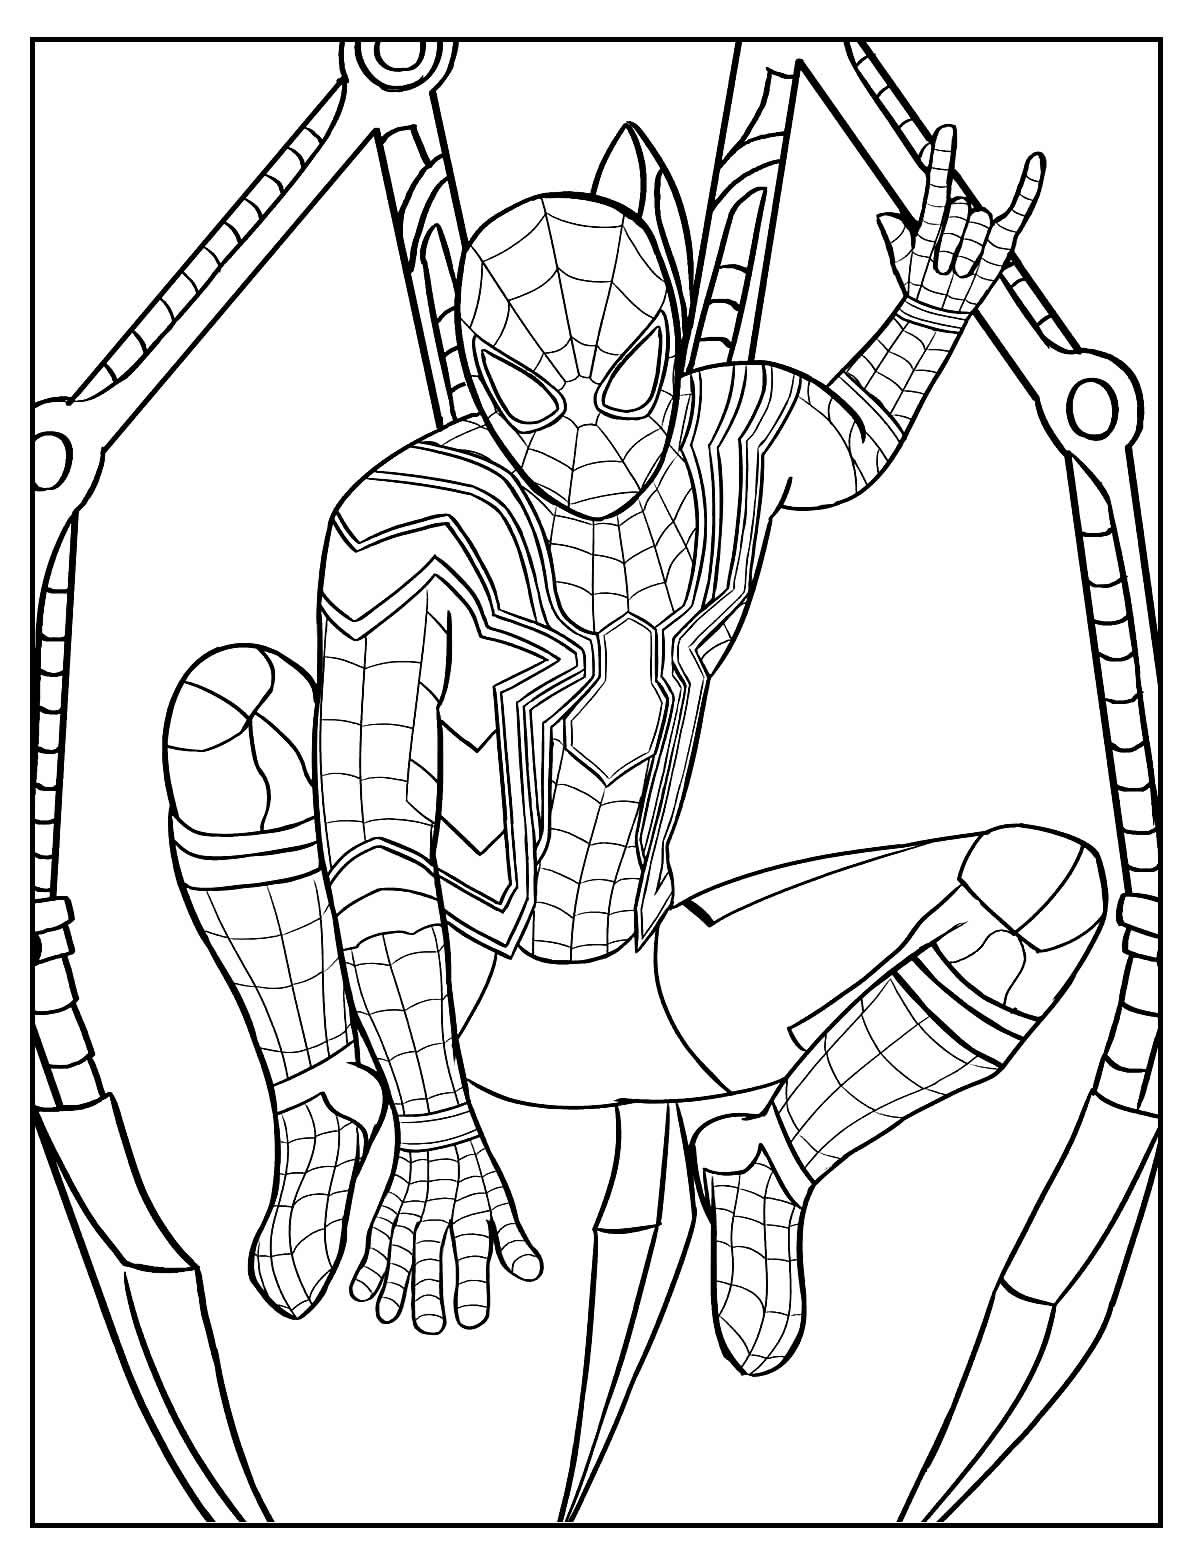 Desenho para colorir e pintar o Homem-Aranha